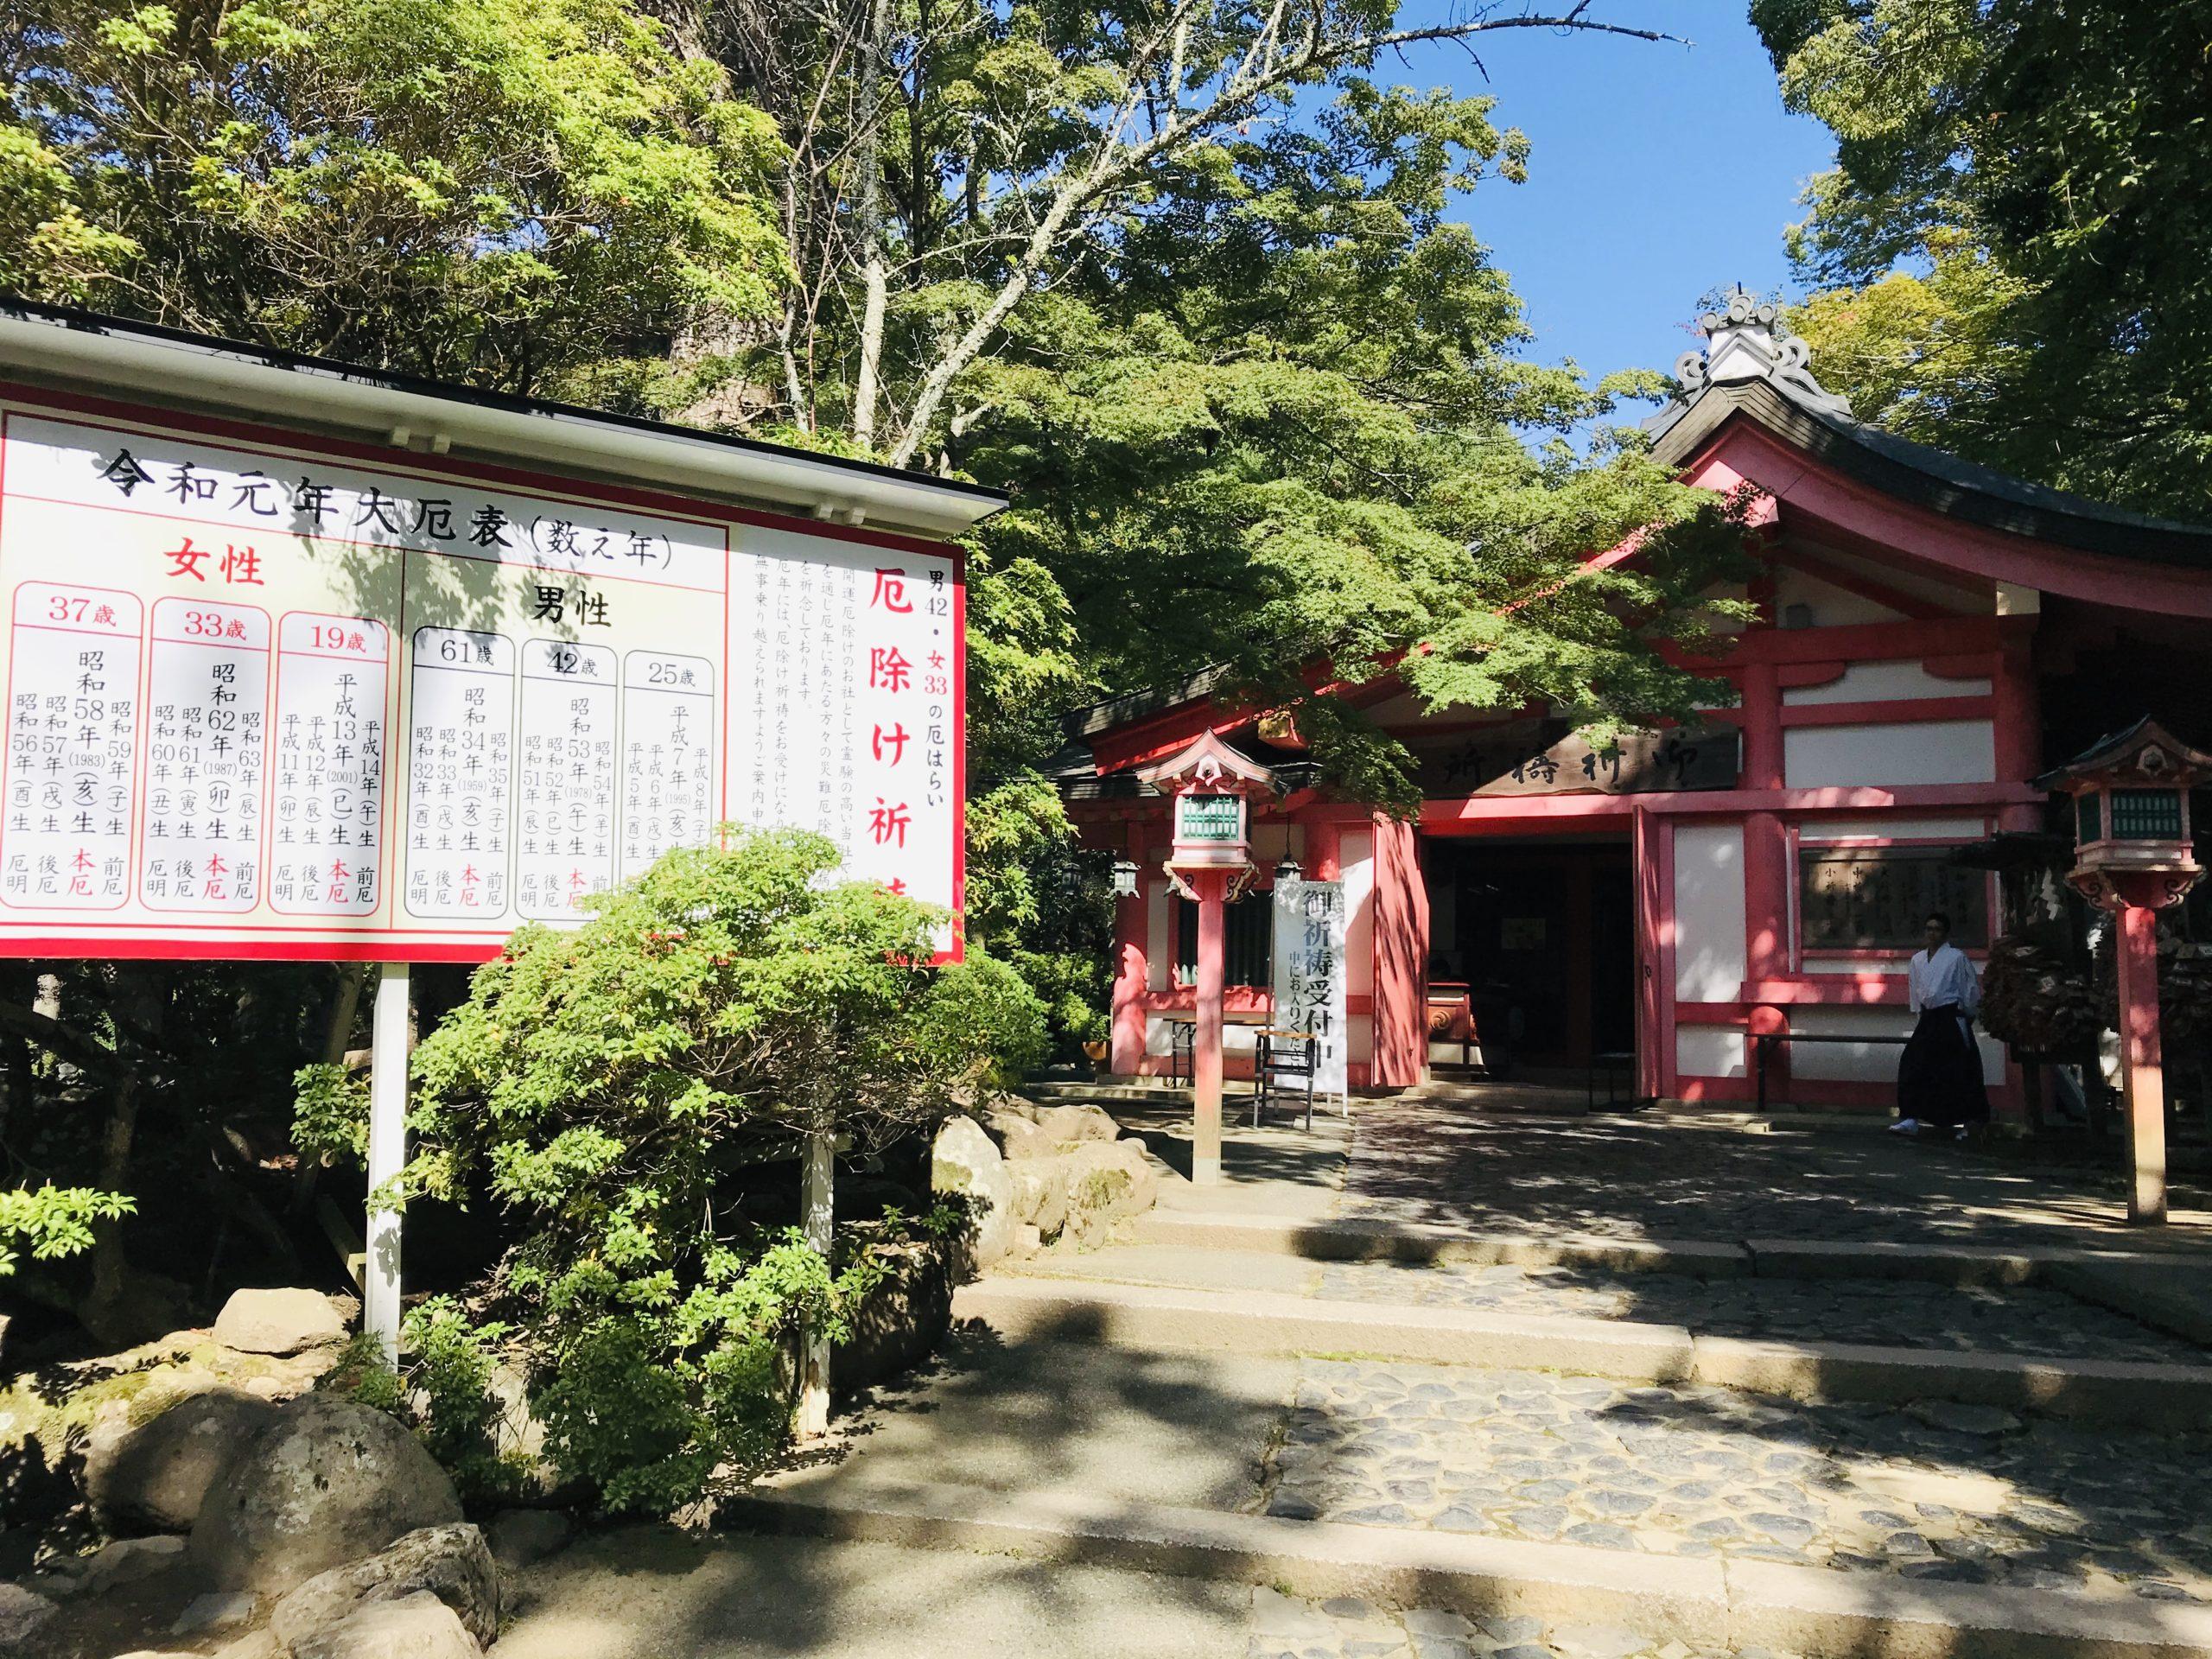 春日大社の水谷九社めぐりの参拝方法